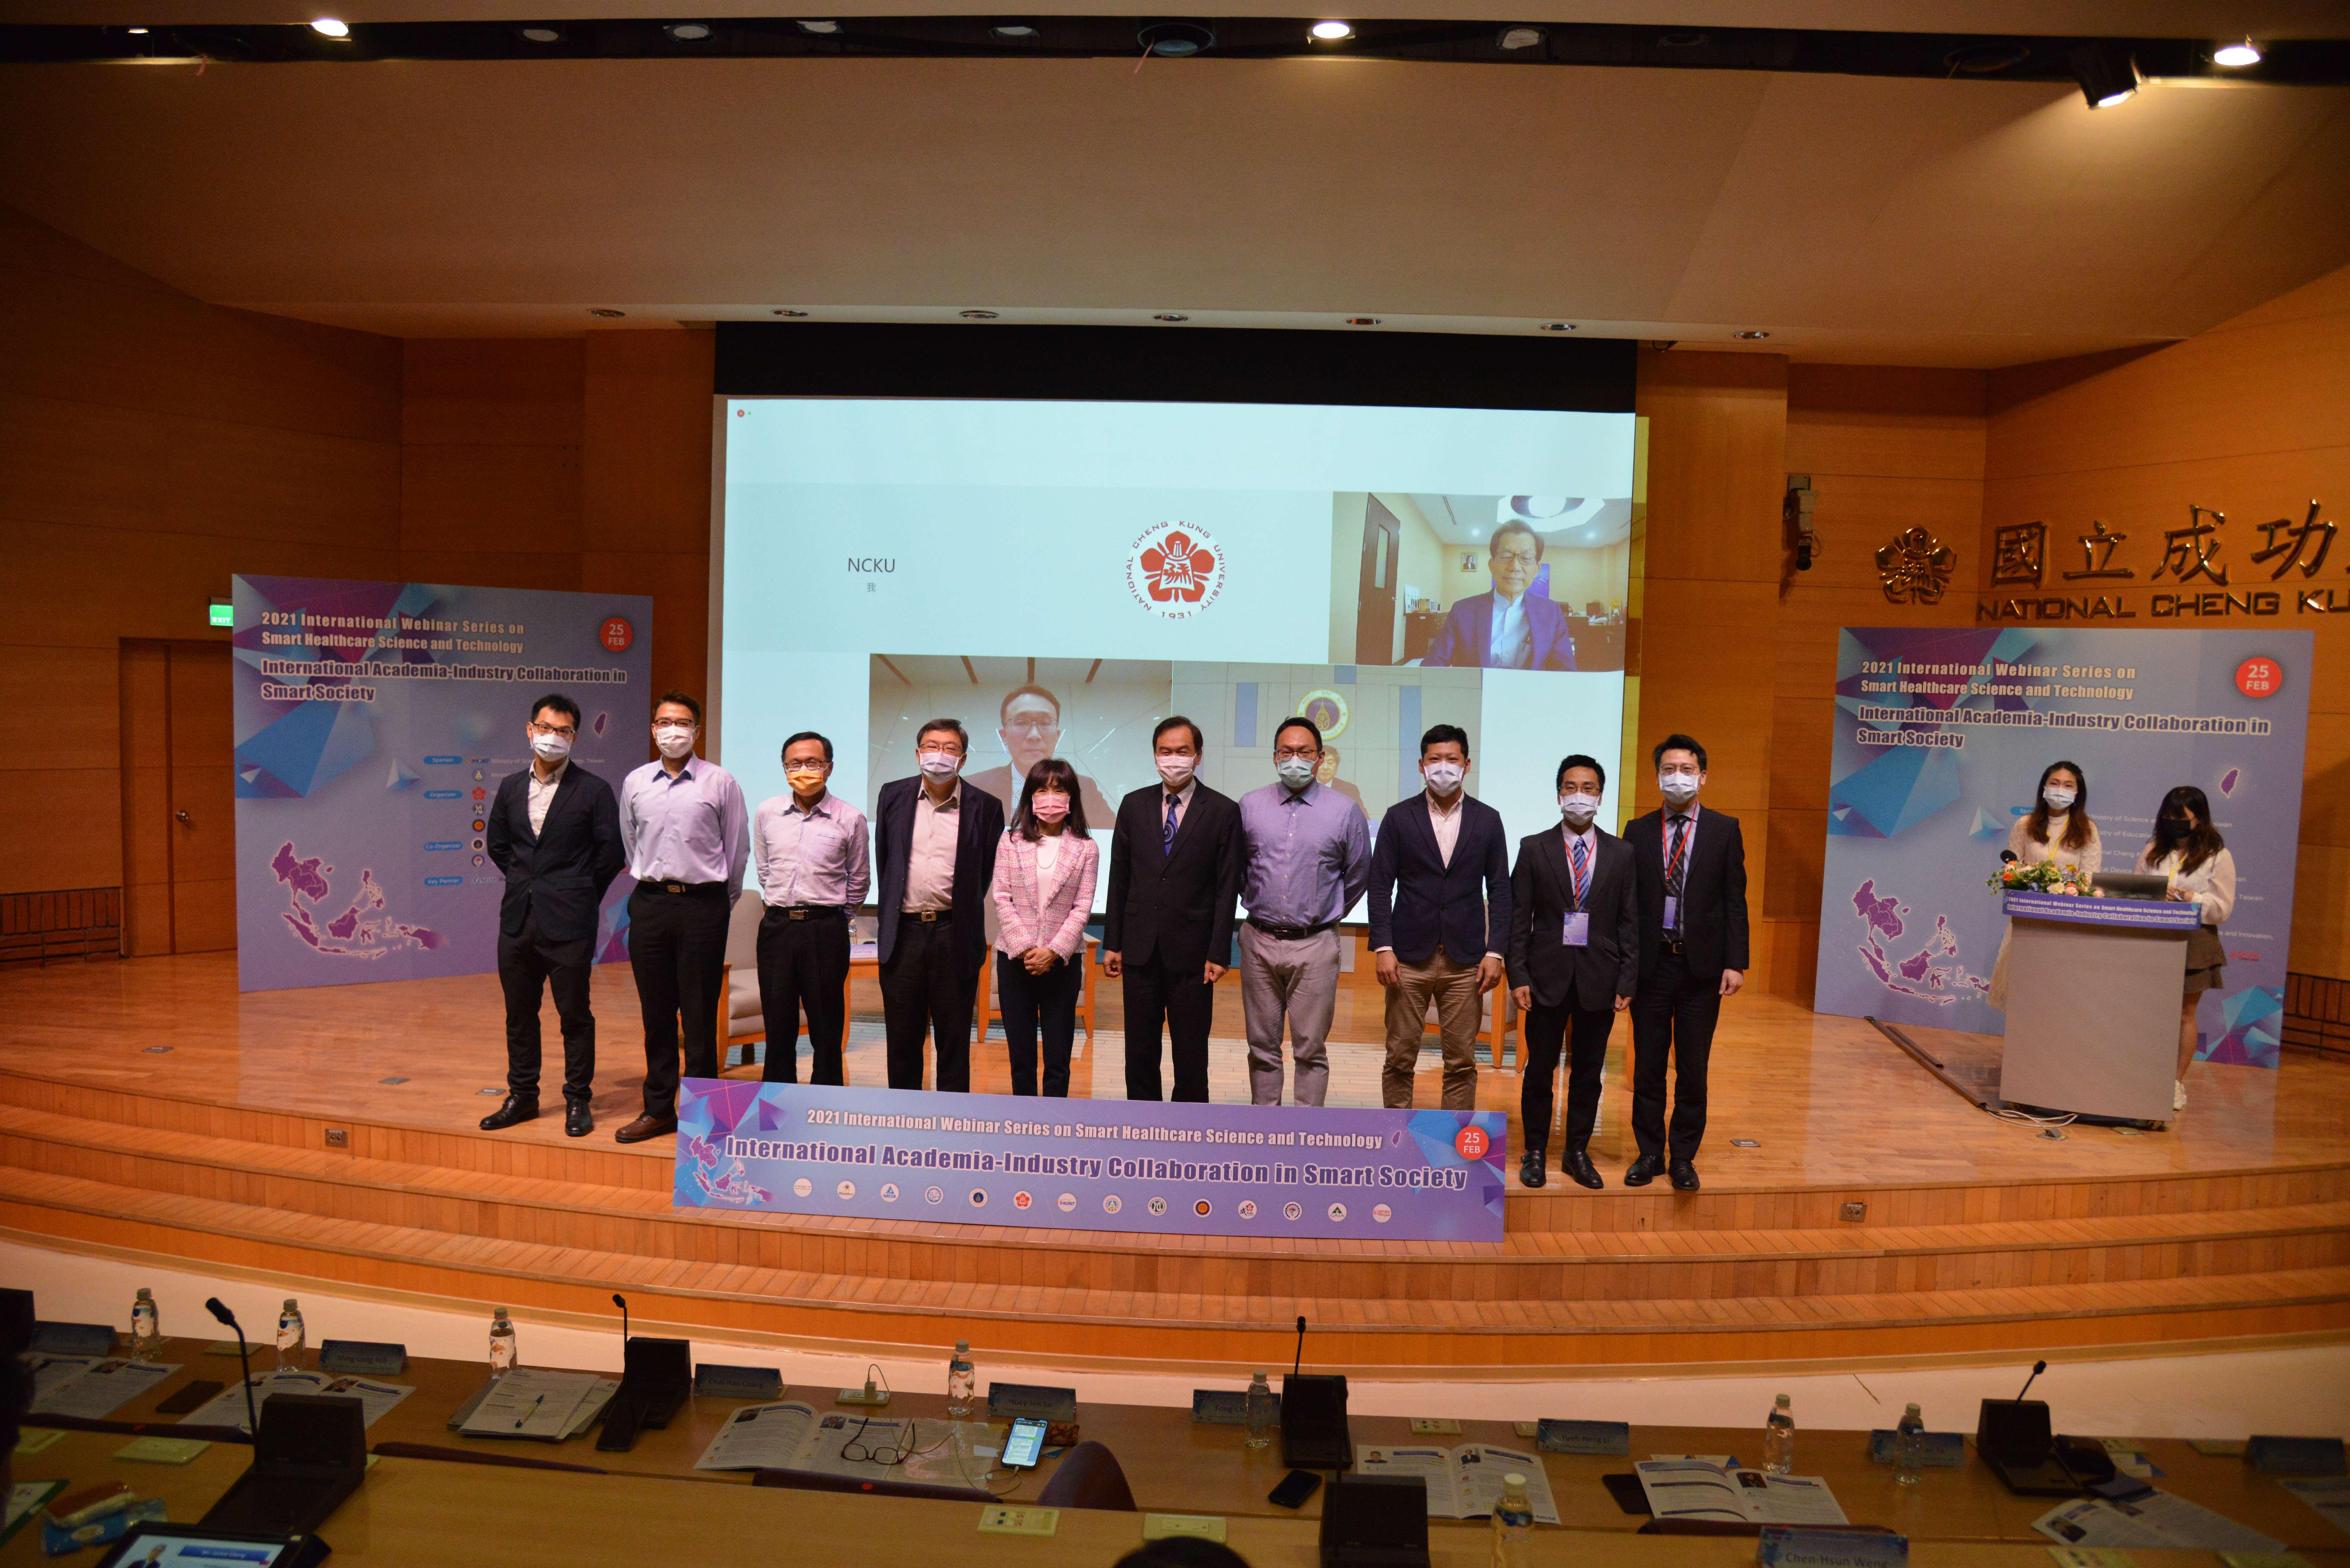 成大與瑪希敦大學深化國際合作 攜手Delta Electronics (Thailand) PCL.開創新南向國家智慧永續發展的標題圖片